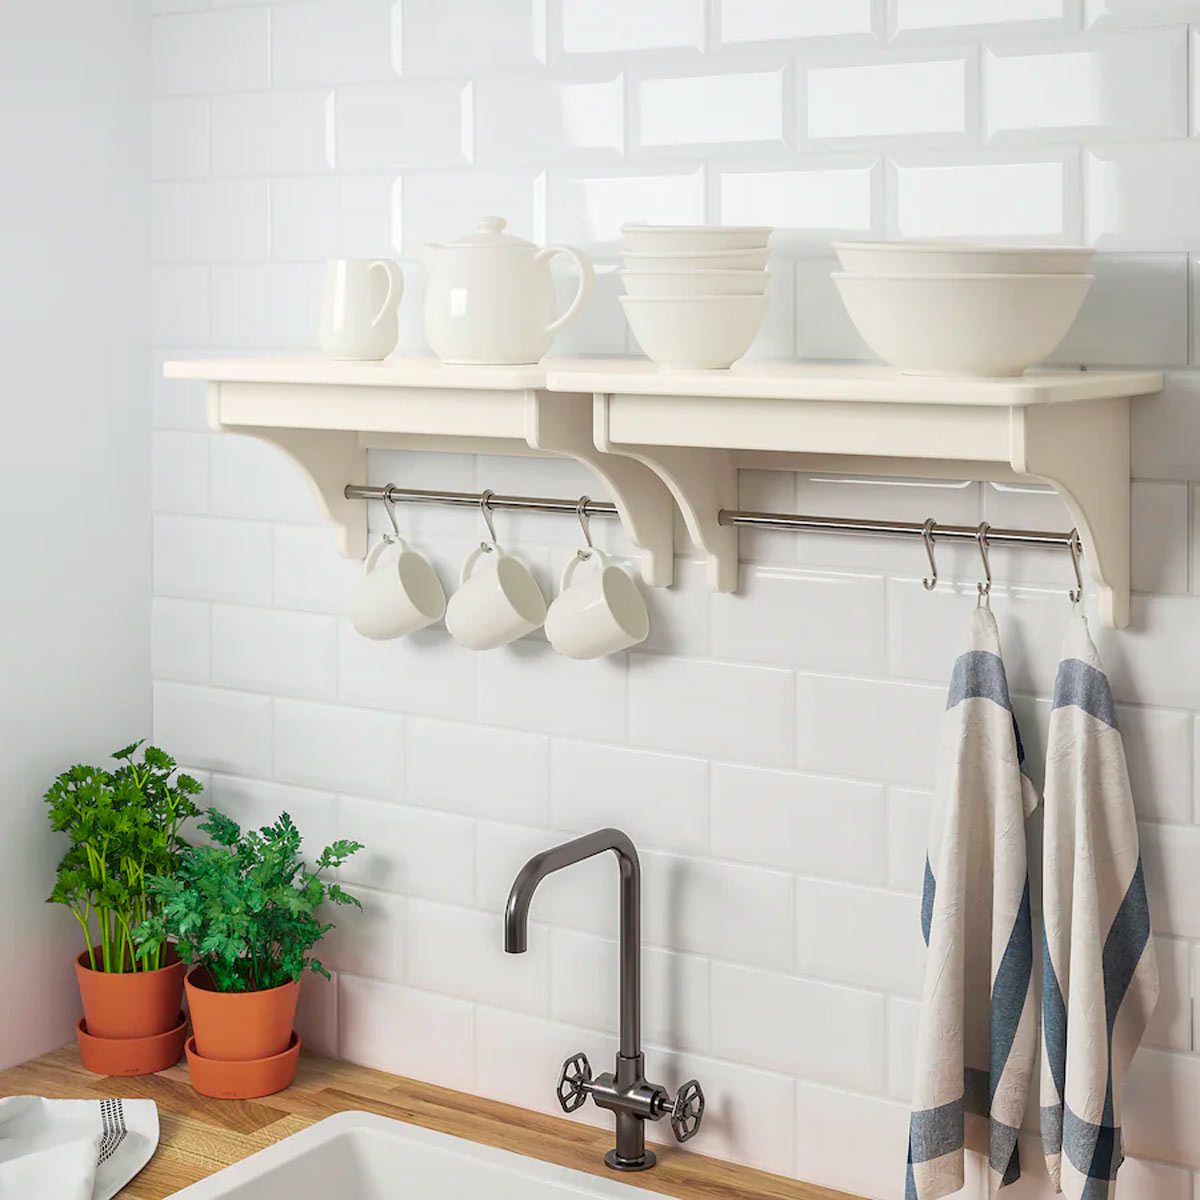 mensole per cucina Ikea